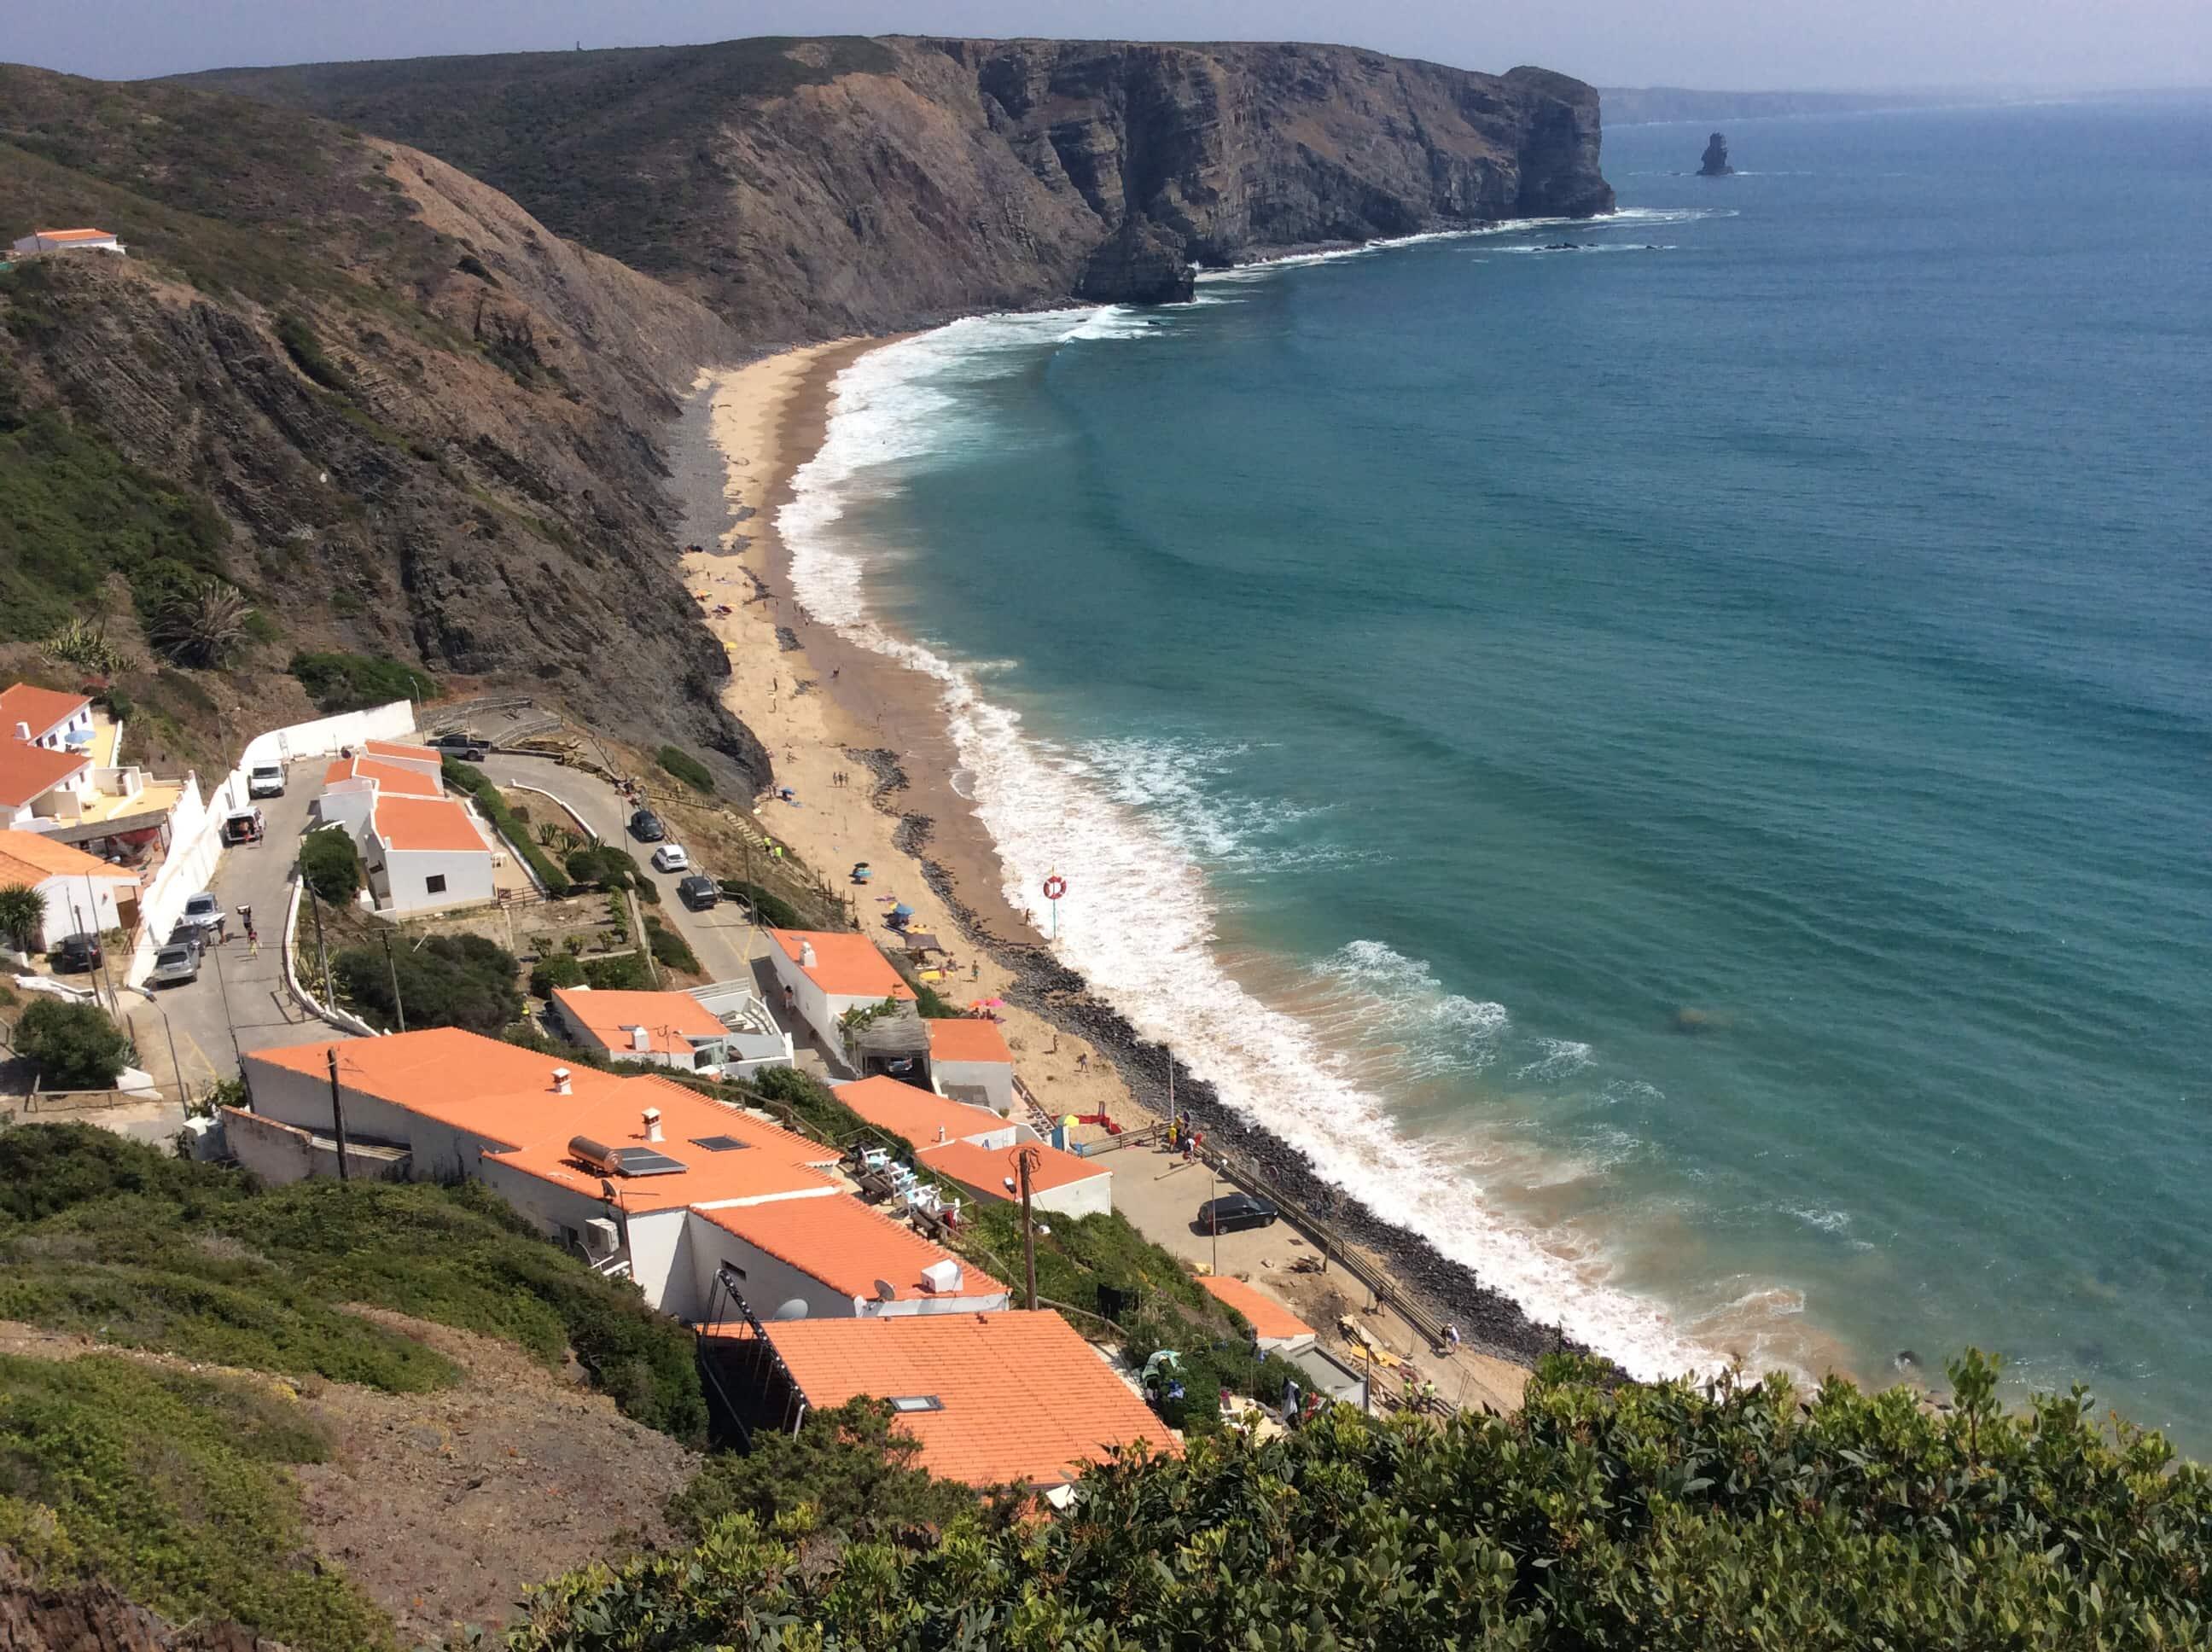 Praia da arrifana, beaches in Algarve